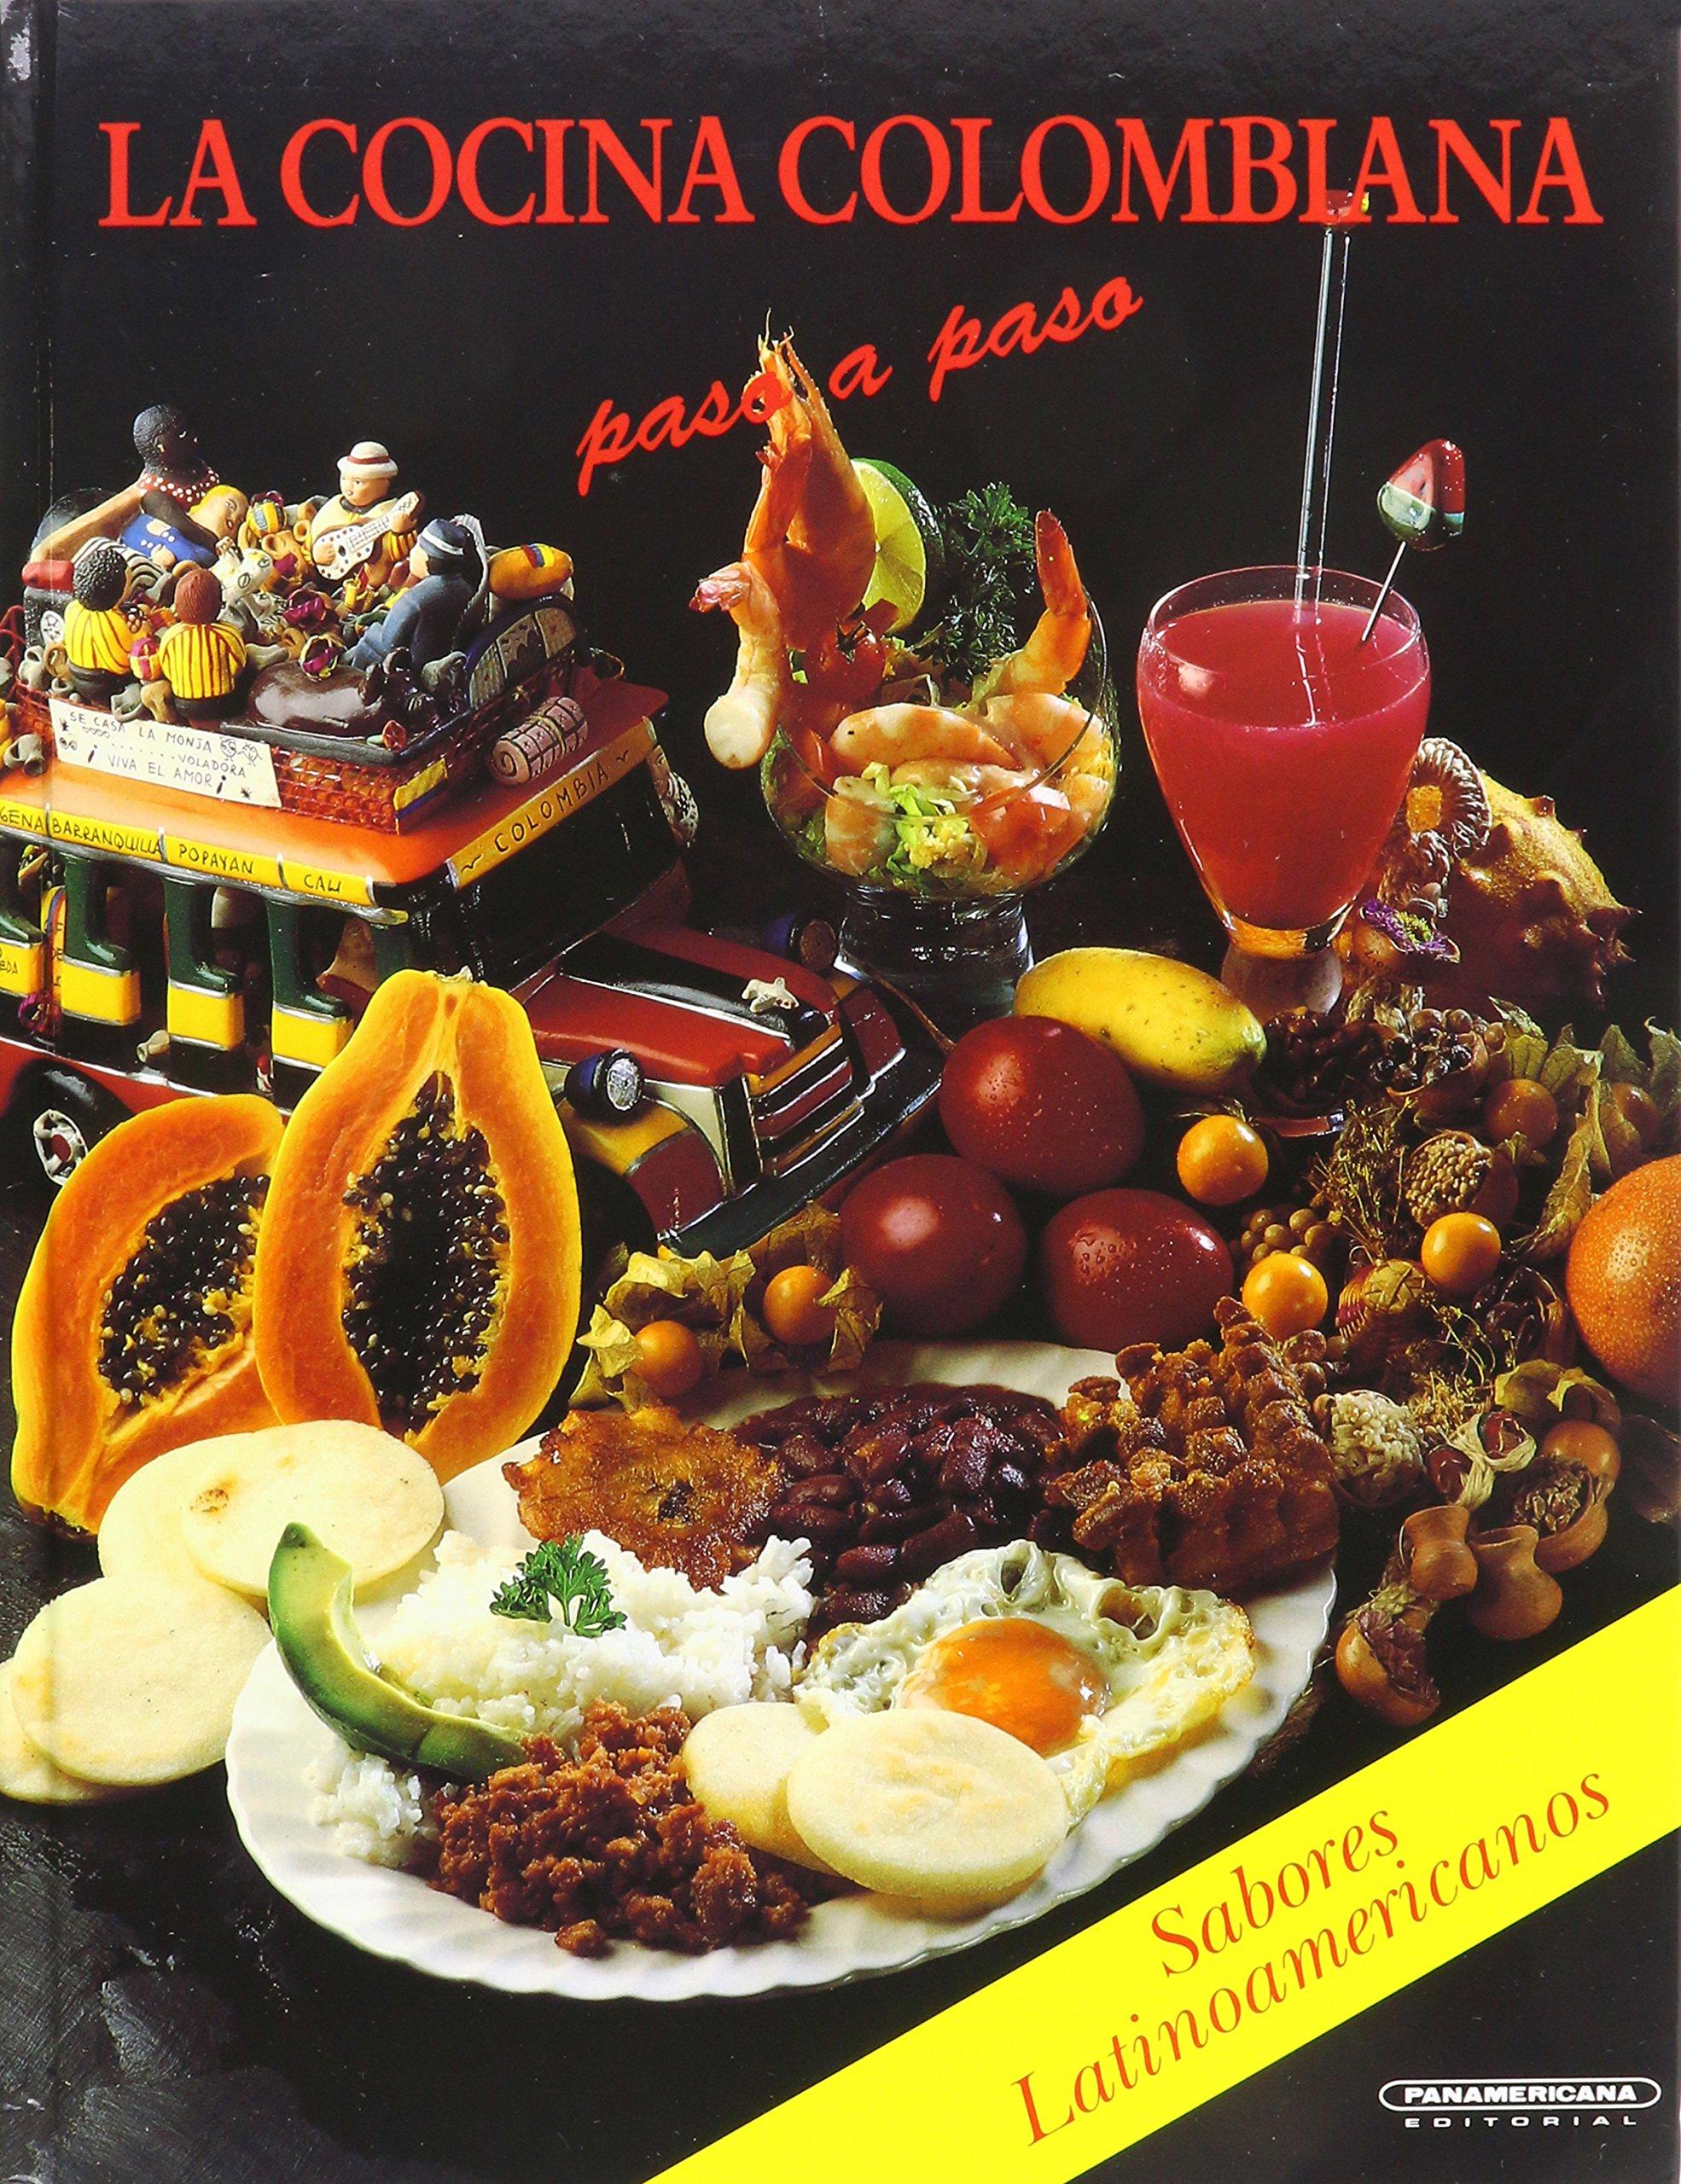 Cocina Colombiana, La (Sabores Latinoamericanos) (Spanish Edition): Itos(compilador) Vázquez: 9789583005961: Amazon.com: Books